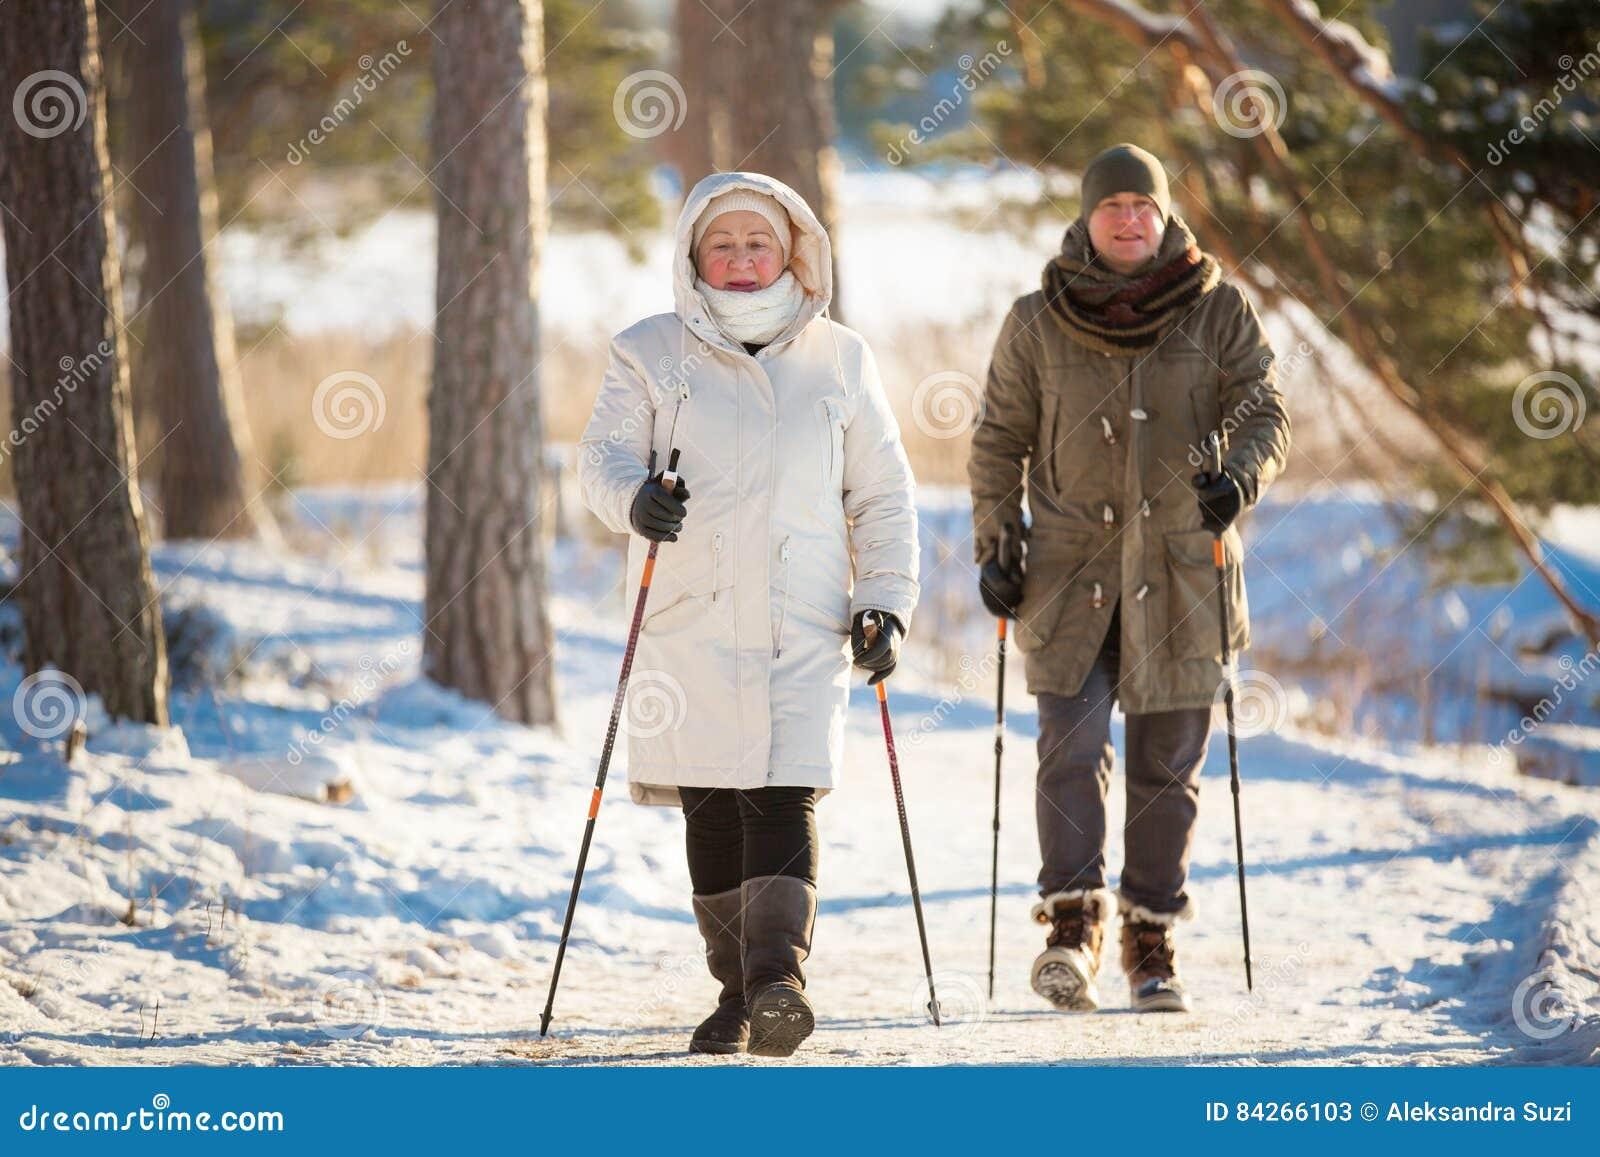 Χειμερινός αθλητισμός στη Φινλανδία - σκανδιναβικό περπάτημα